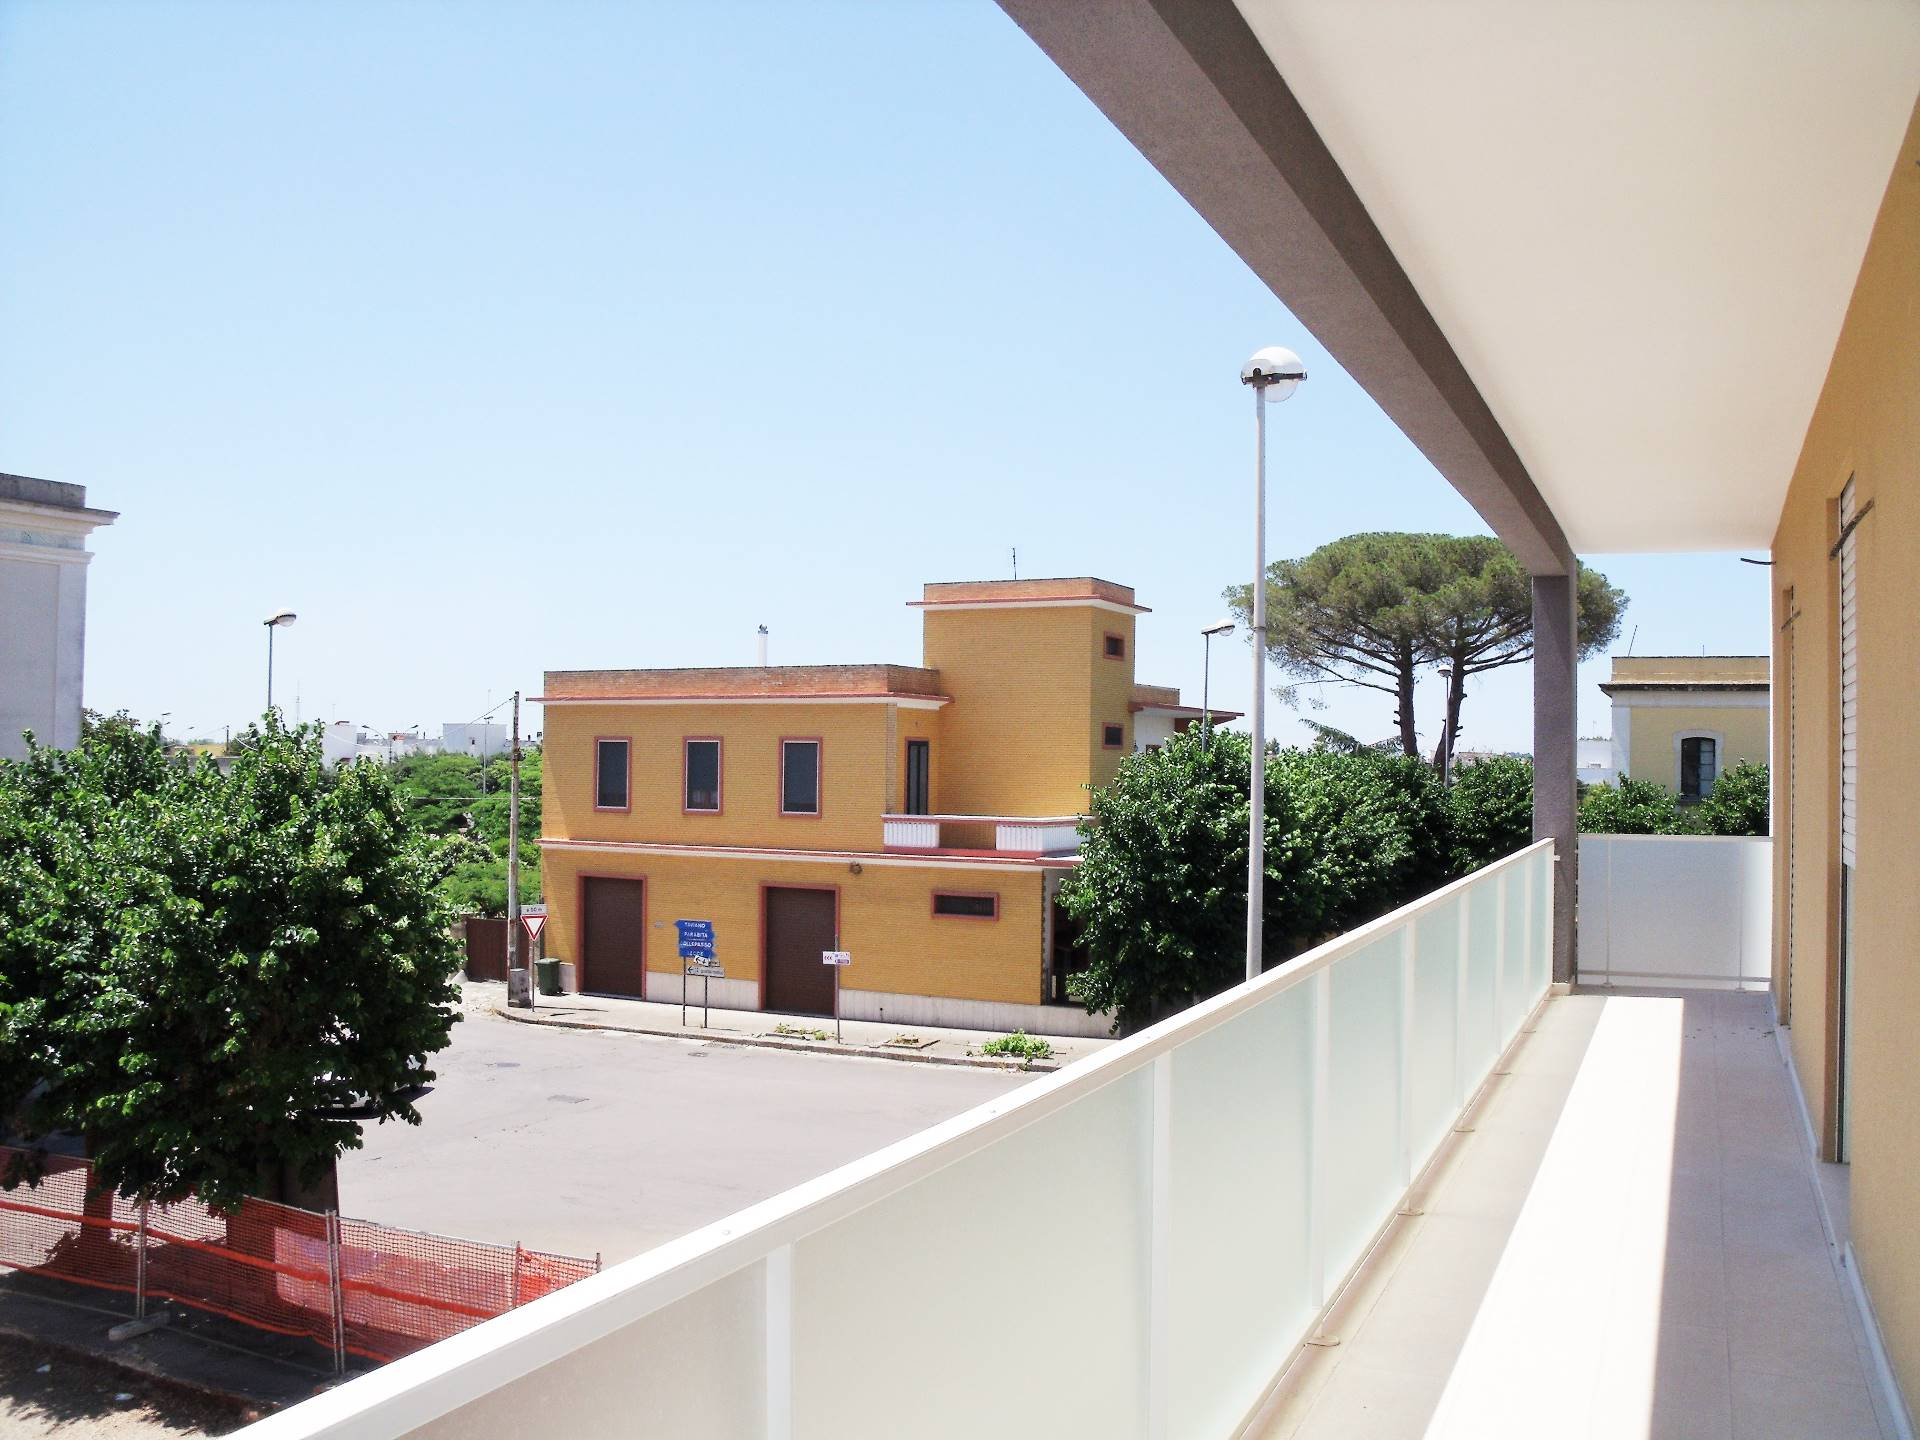 Appartamento in vendita a Matino, 5 locali, prezzo € 110.000 | CambioCasa.it